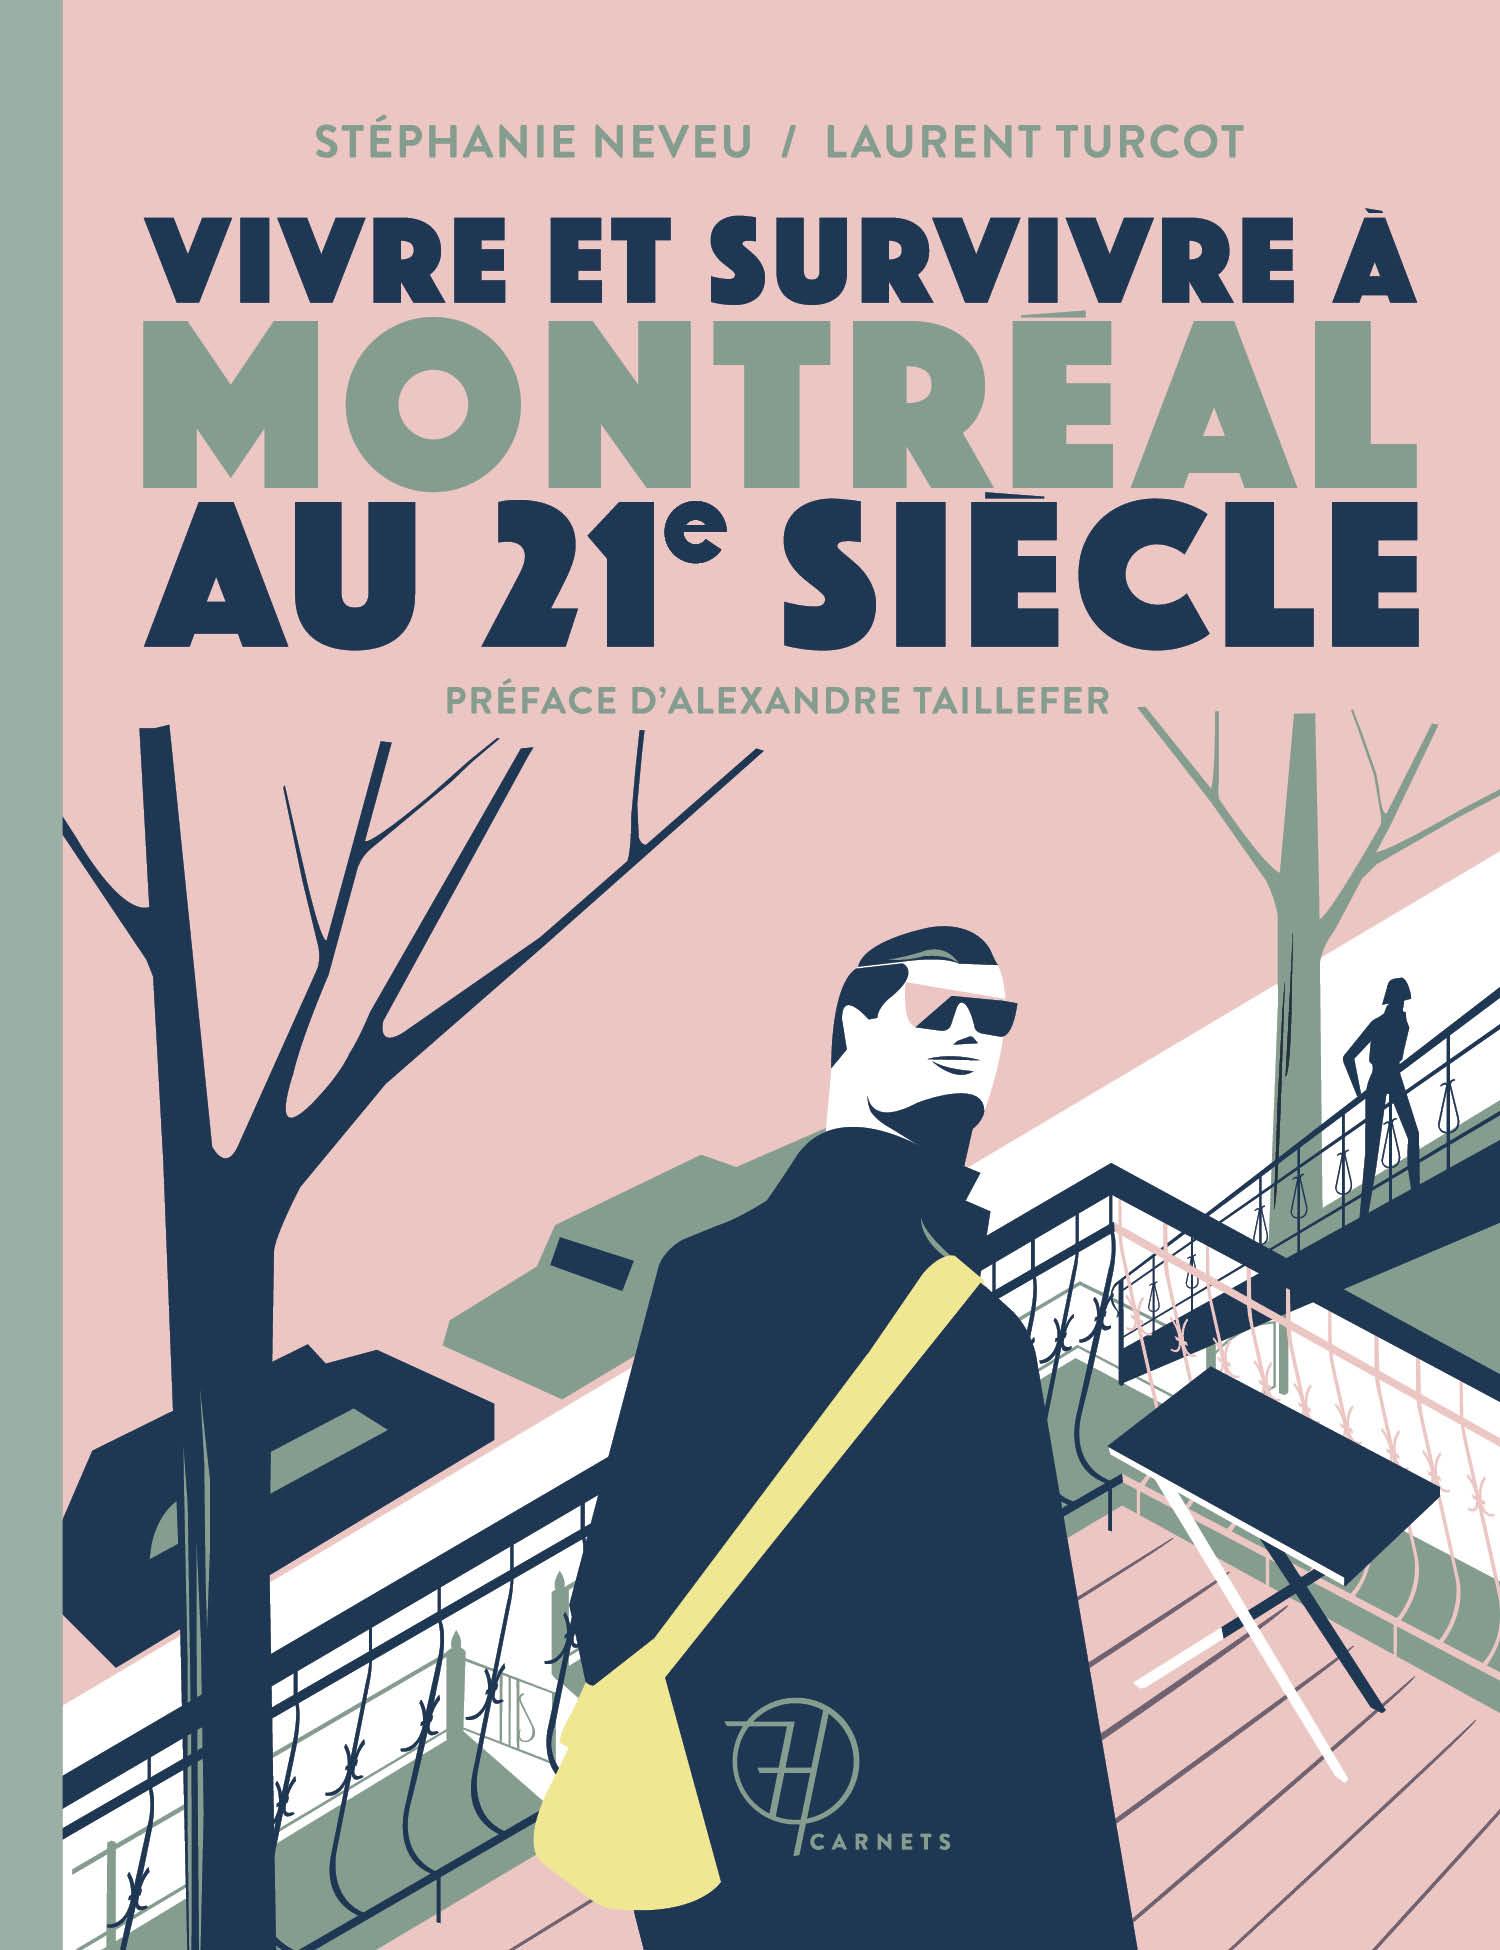 Vivre et survivre à Montréal au 21e siècle